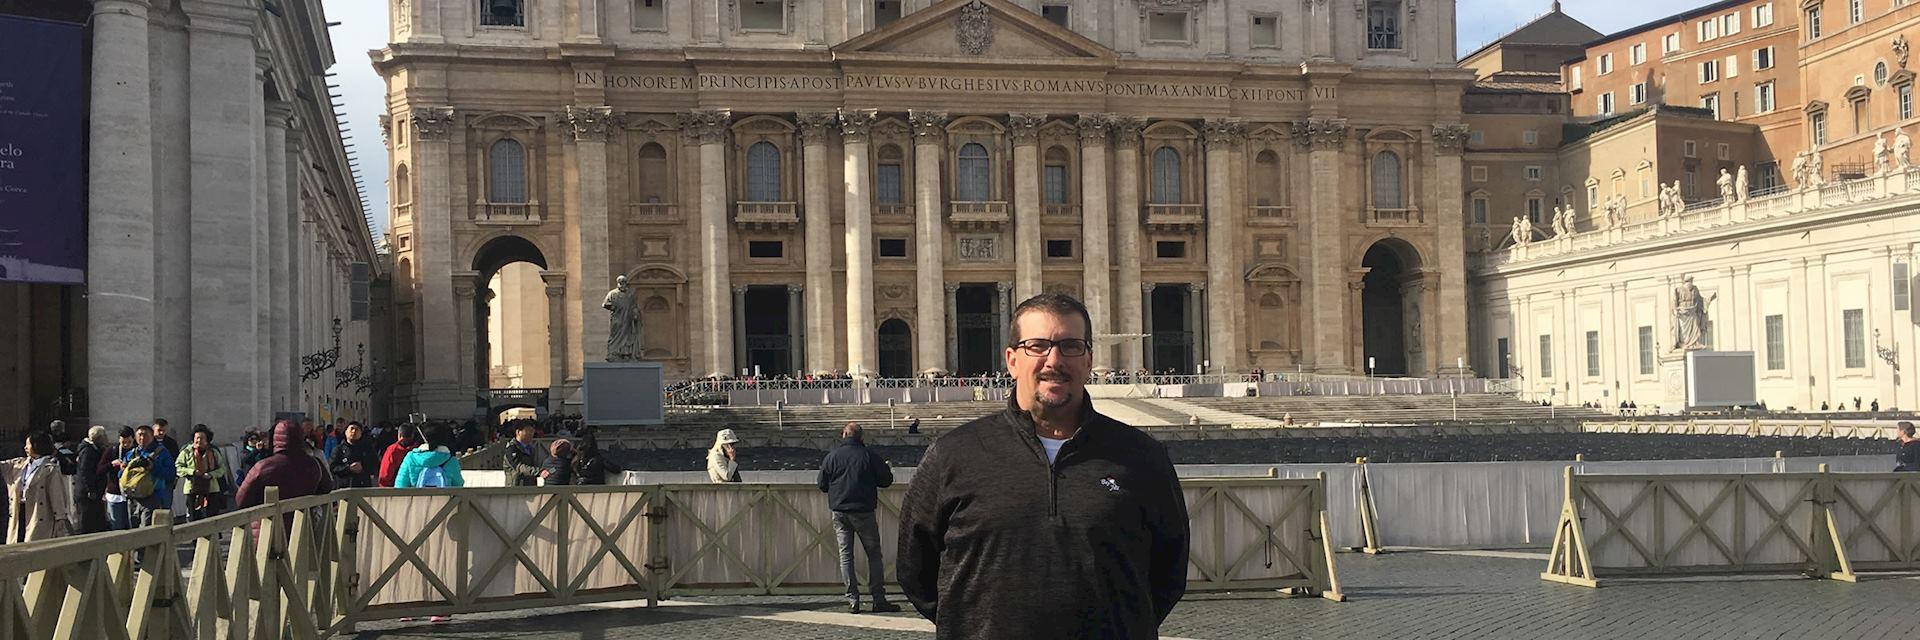 Joe outside the Vatican in Rome